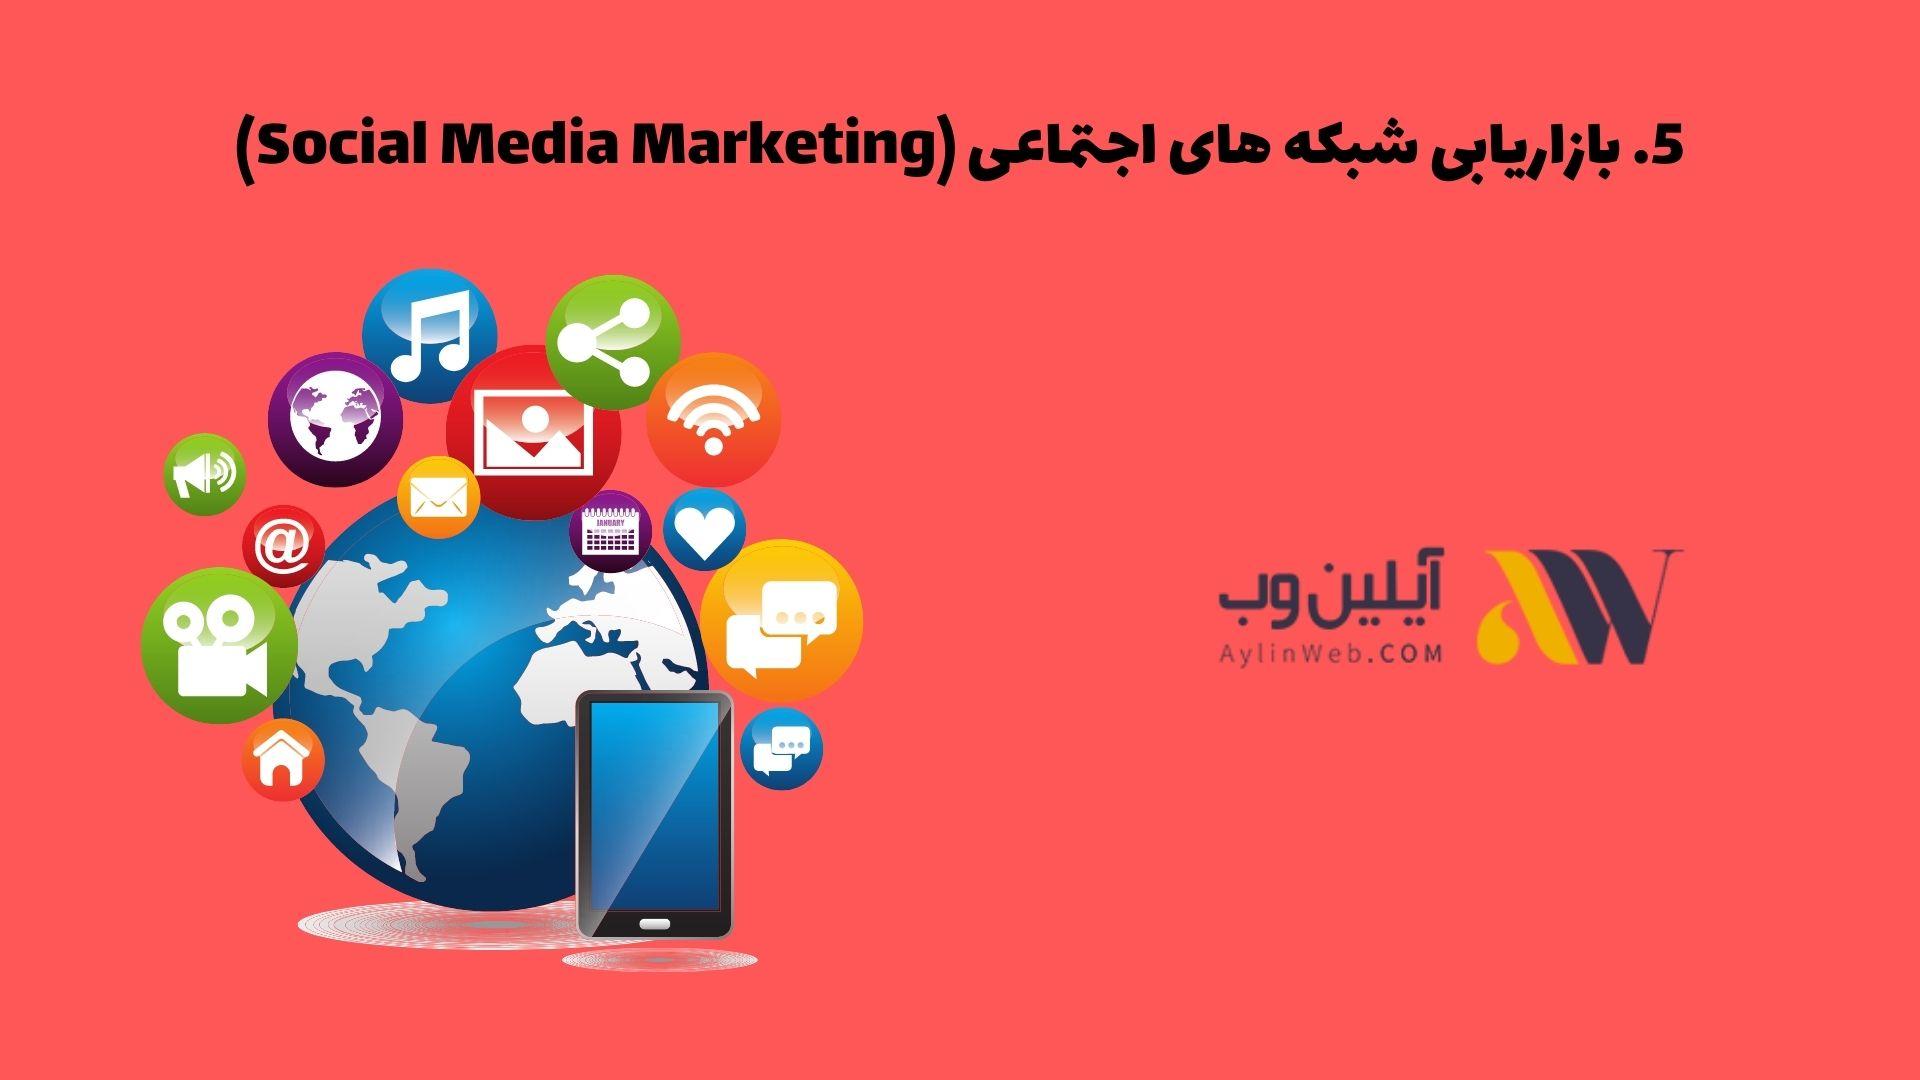 بازاریابی شبکه های اجتماعی (Social Media Marketing)